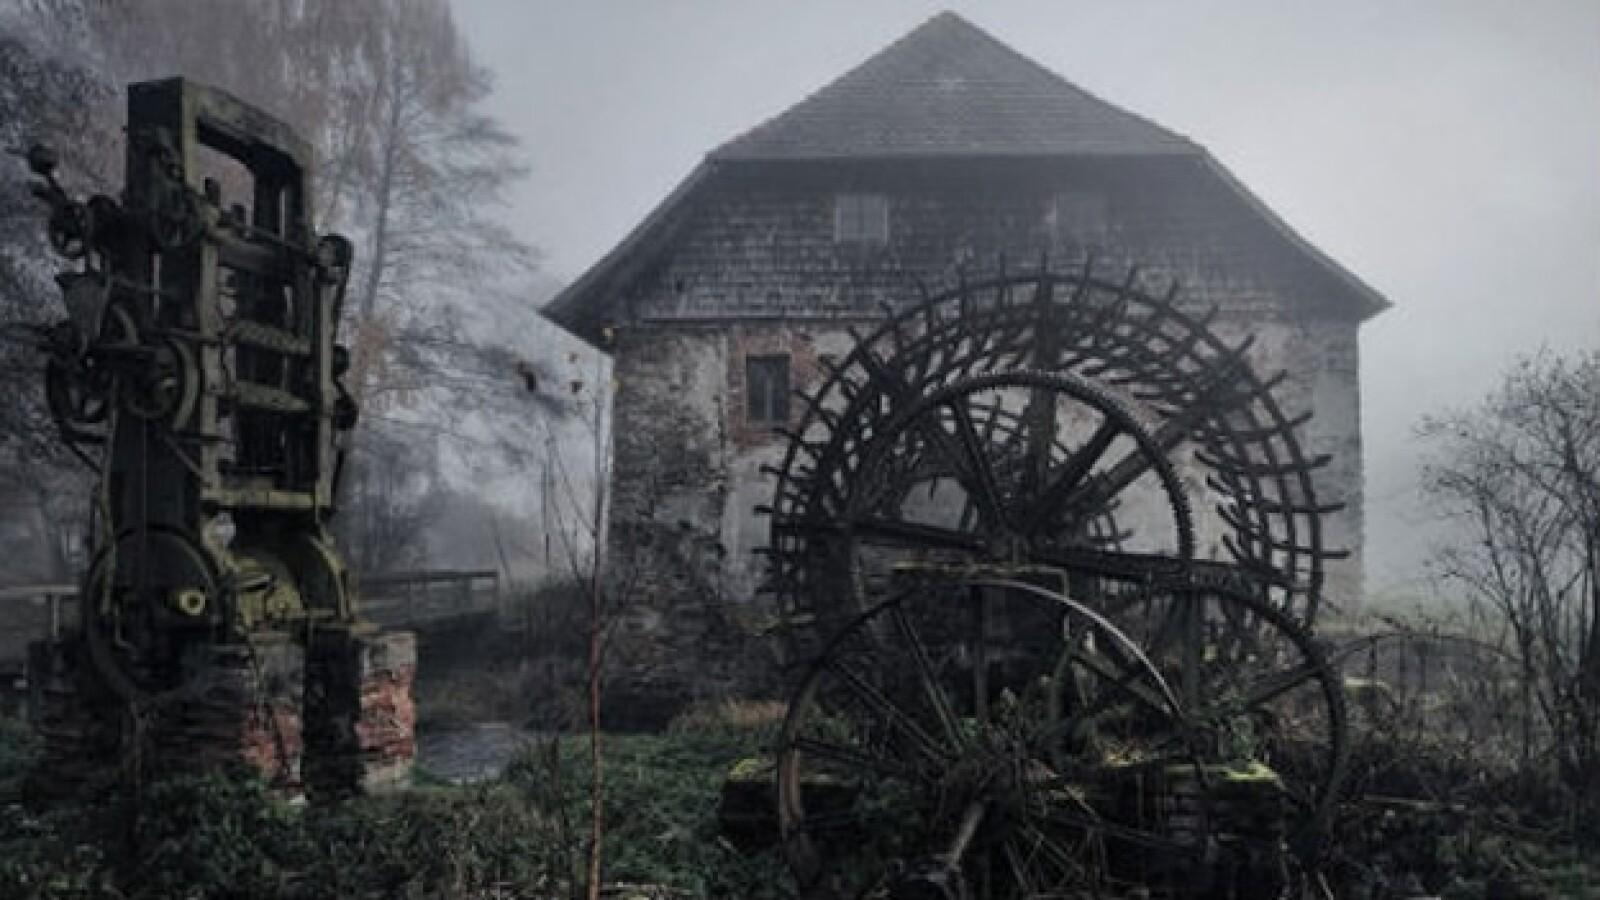 paisaje antiguo molino Alemania